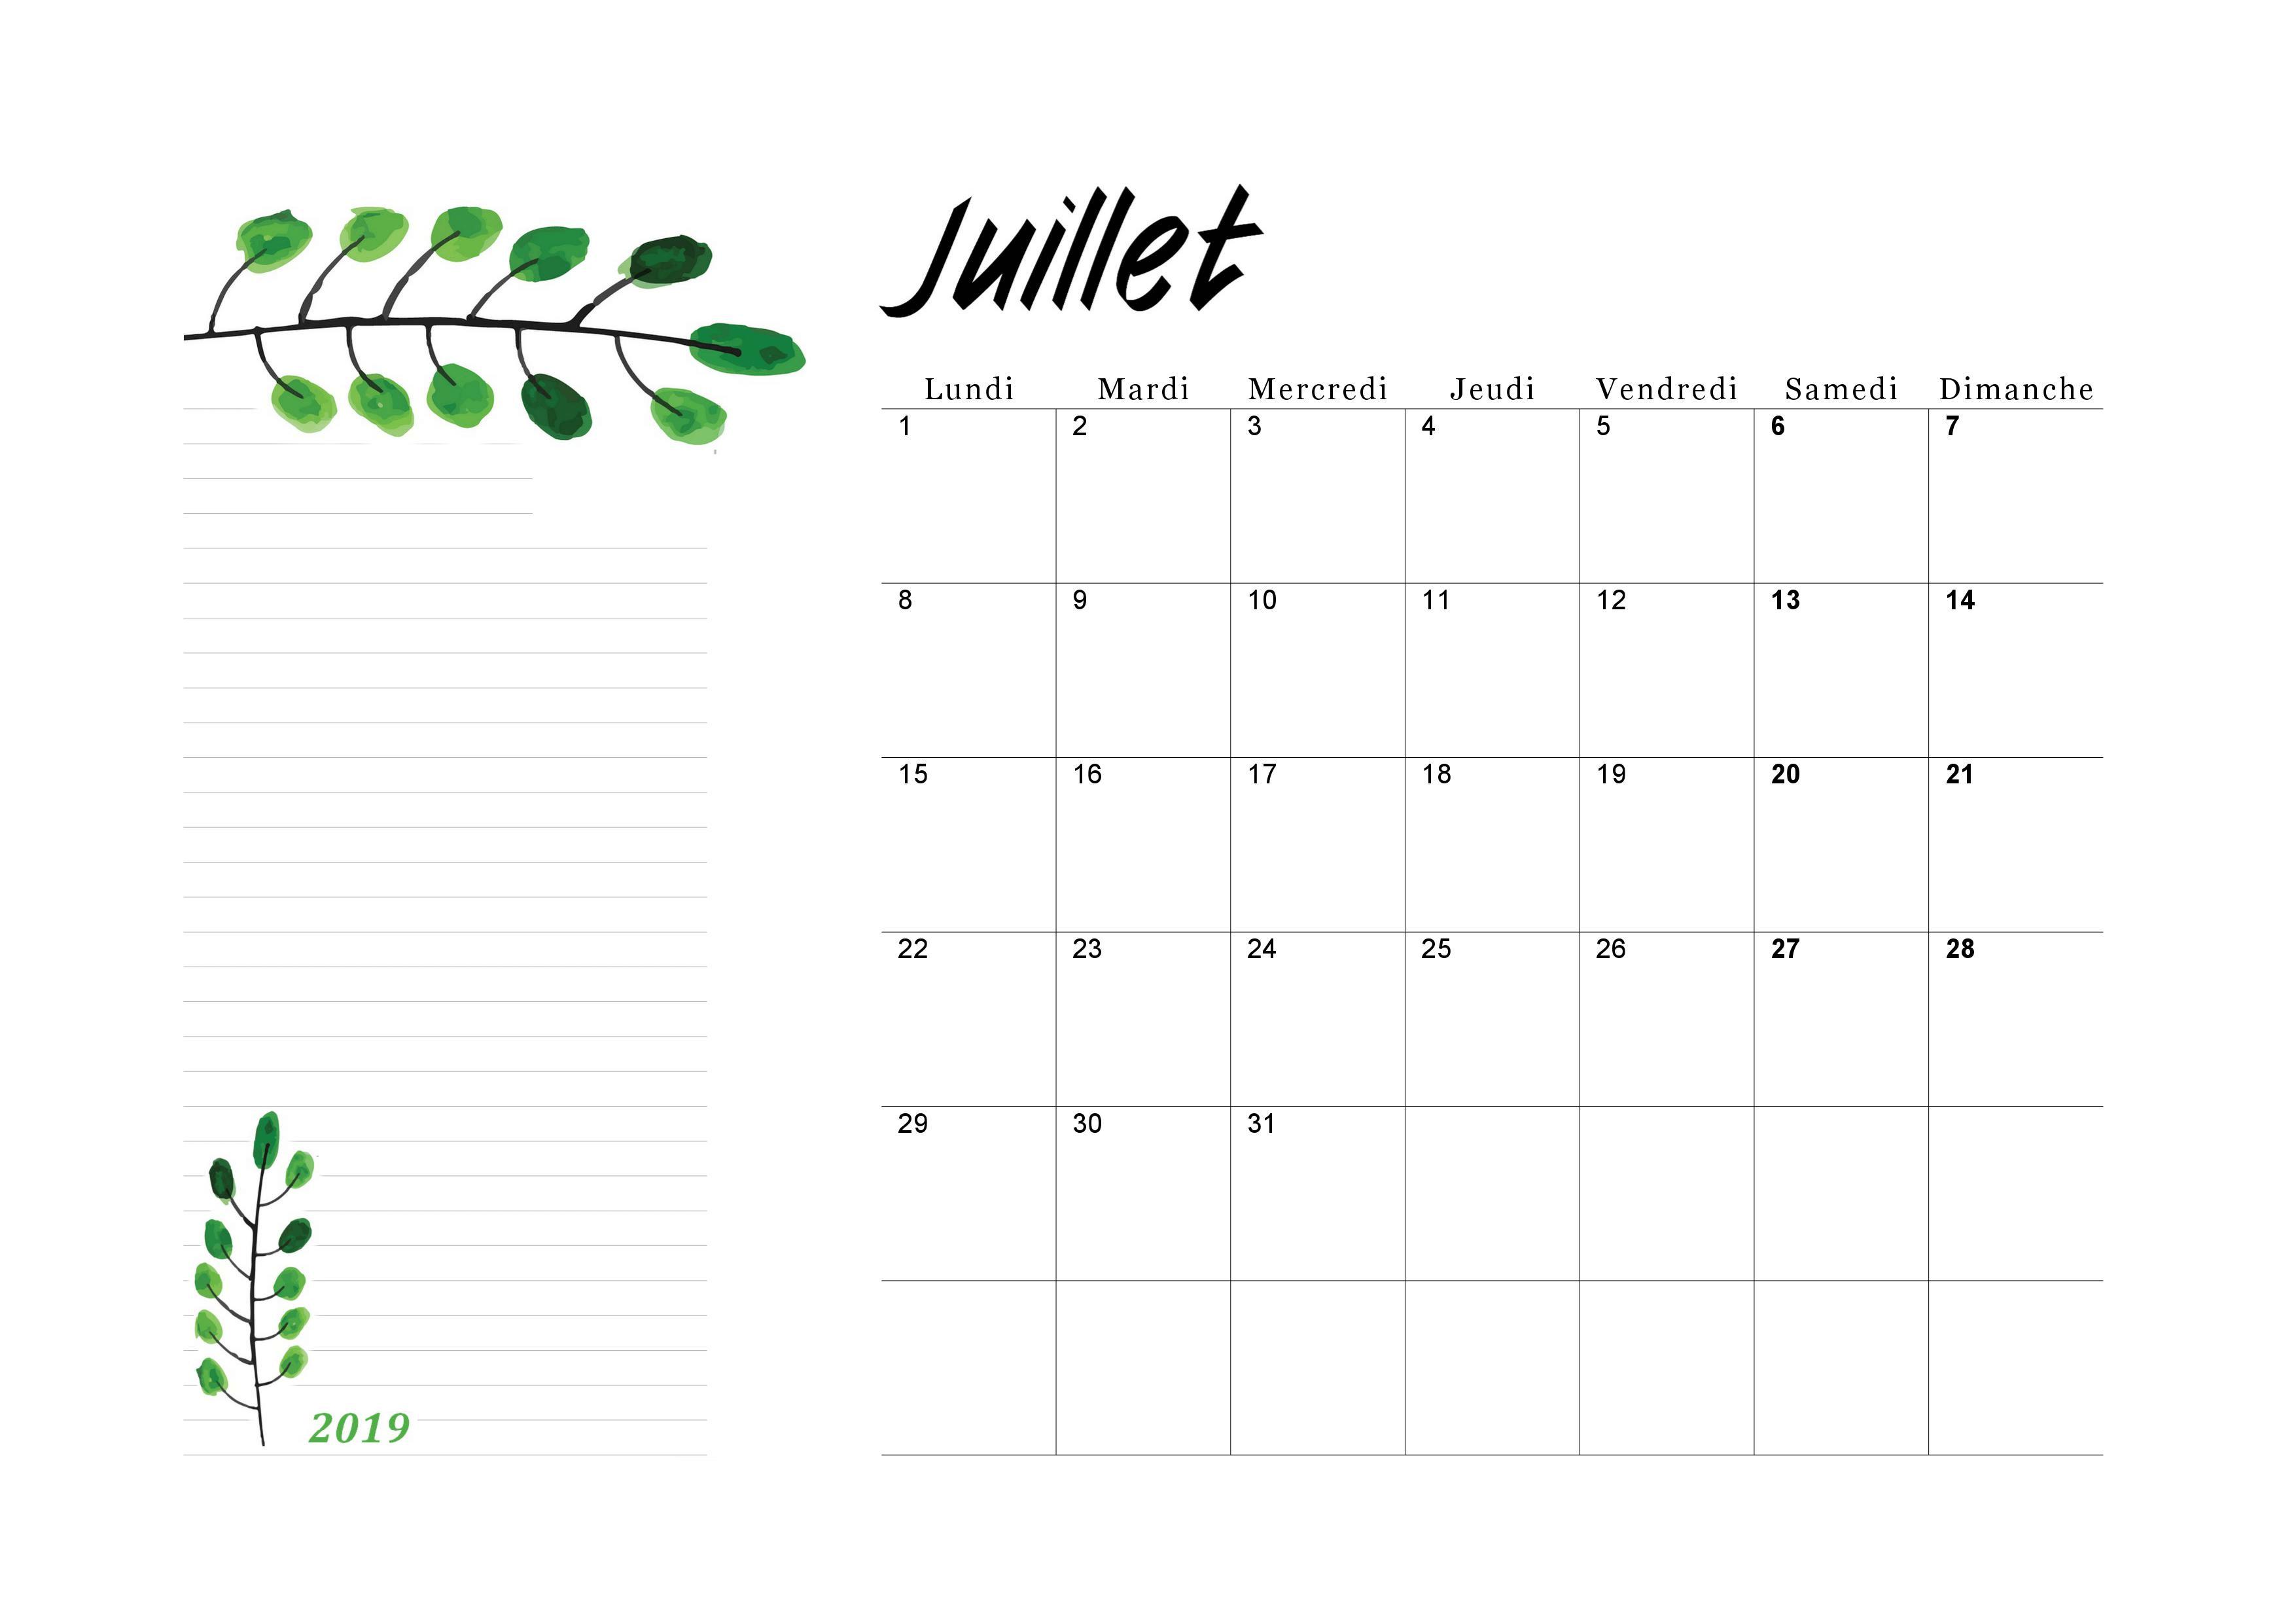 Calendrier Du Mois De Juillet 2019.Calendrier Juillet 2019 A Imprimer Calendriers Imprimables